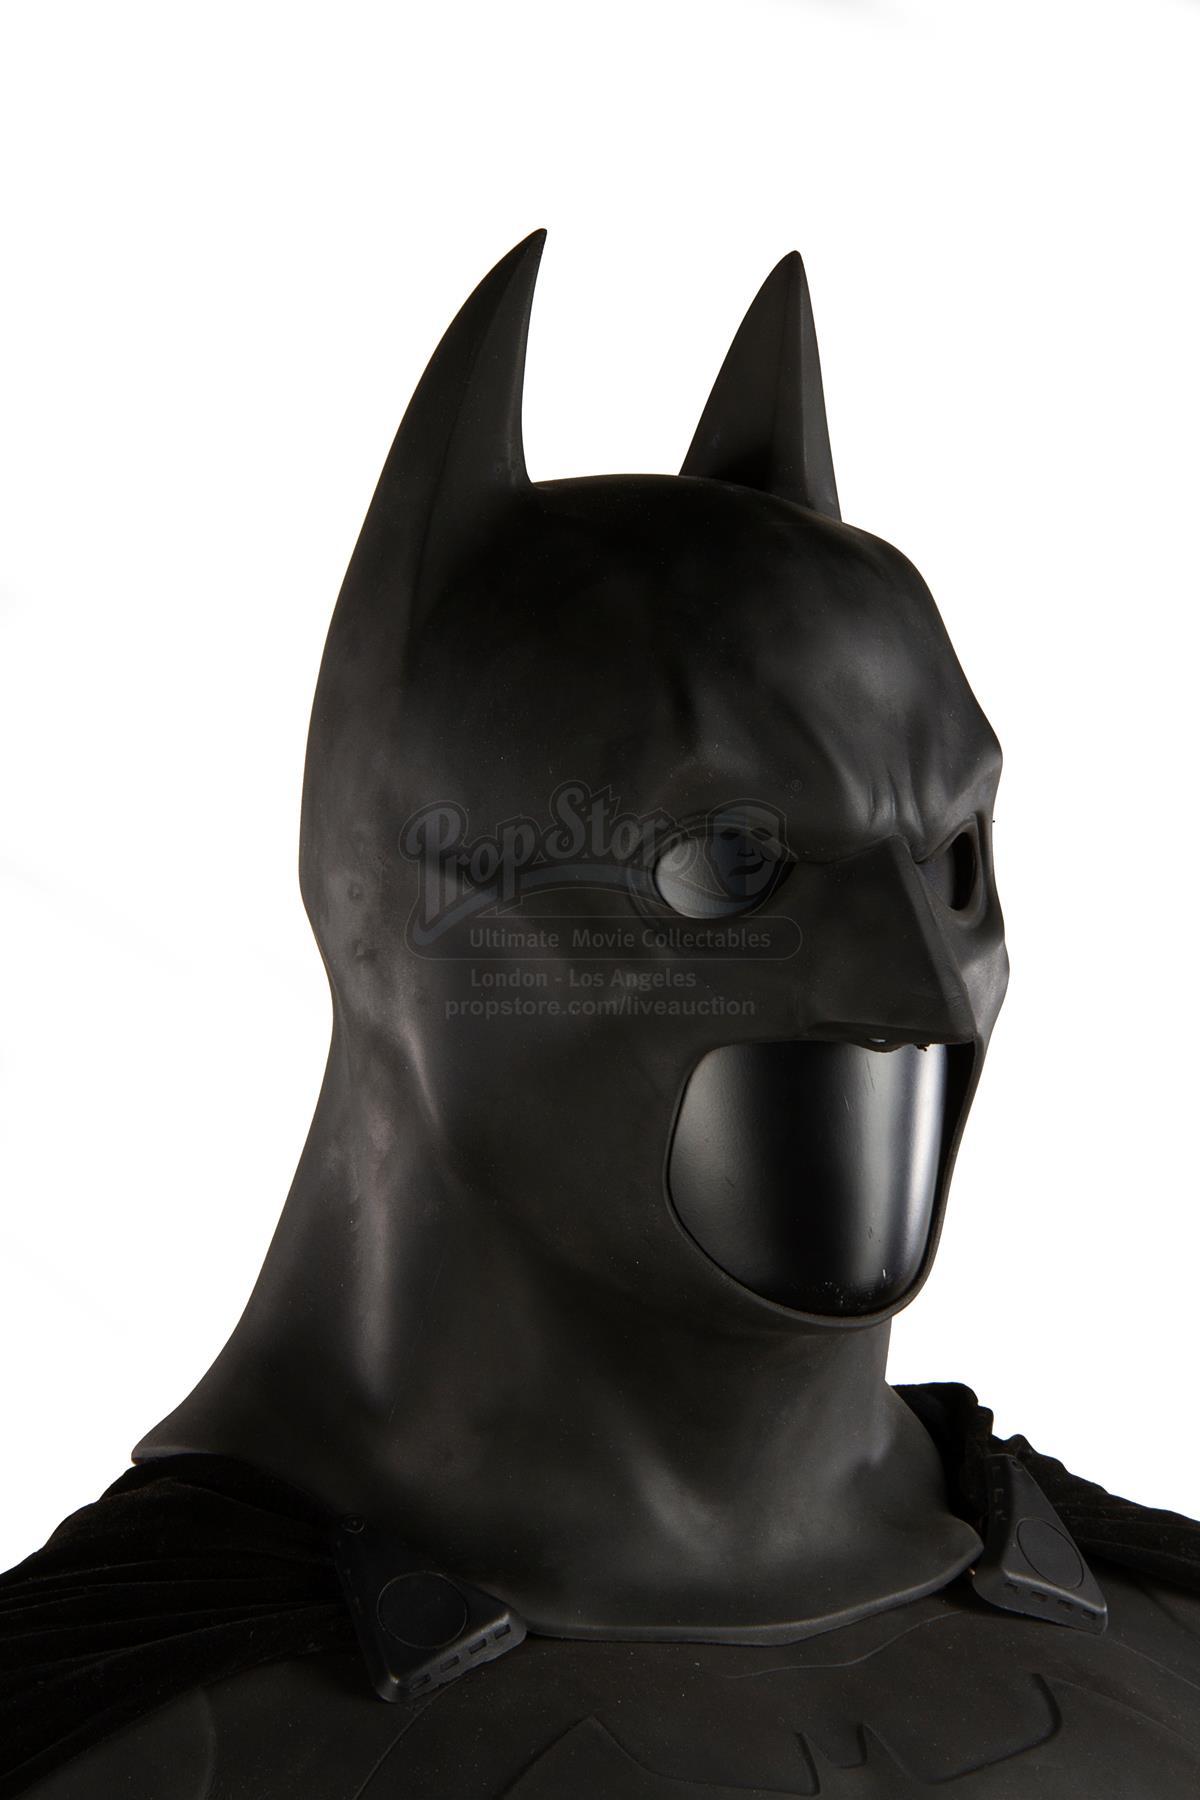 Batman Begins 2005 Batmans Batsuit Current Price 80000